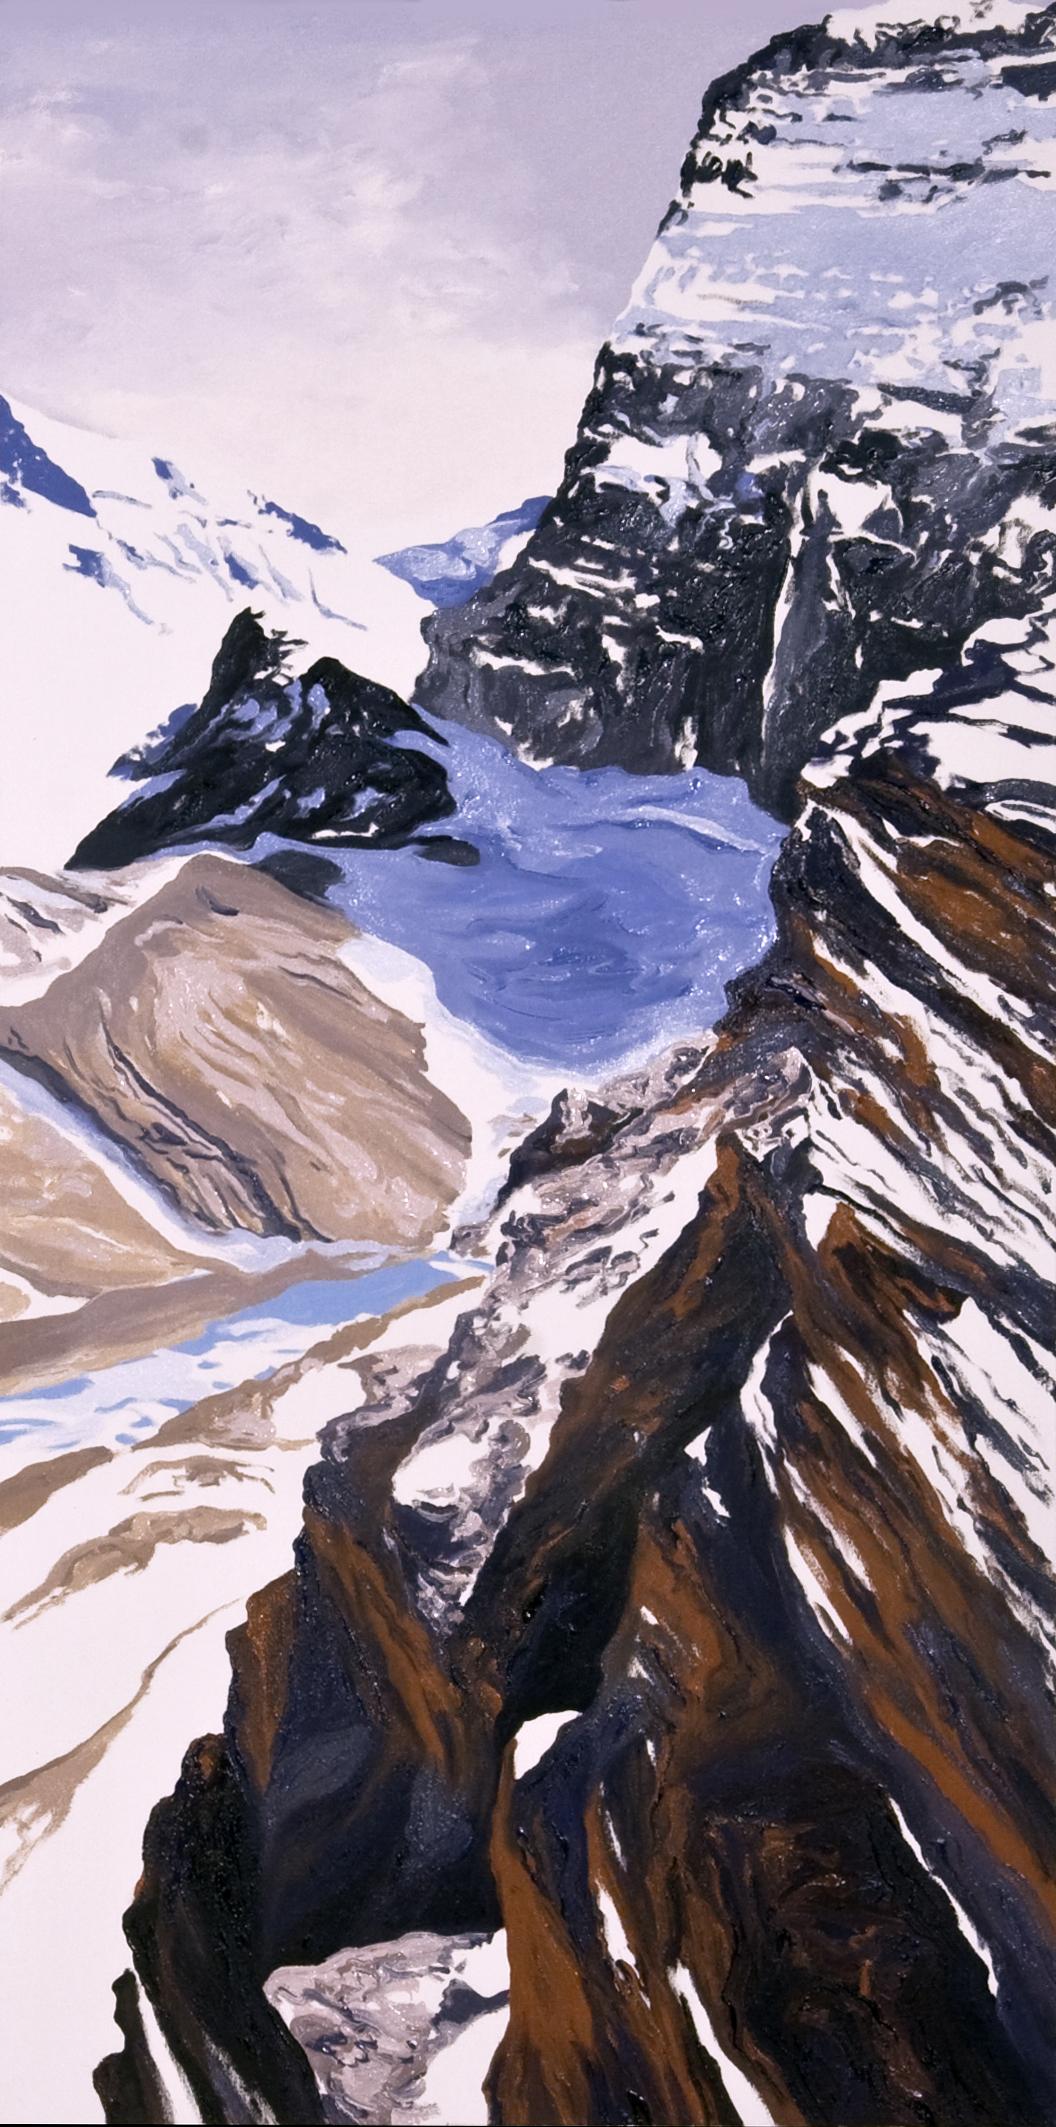 Grinnell Glacier Overlook #4, 2008 after Steven Mather